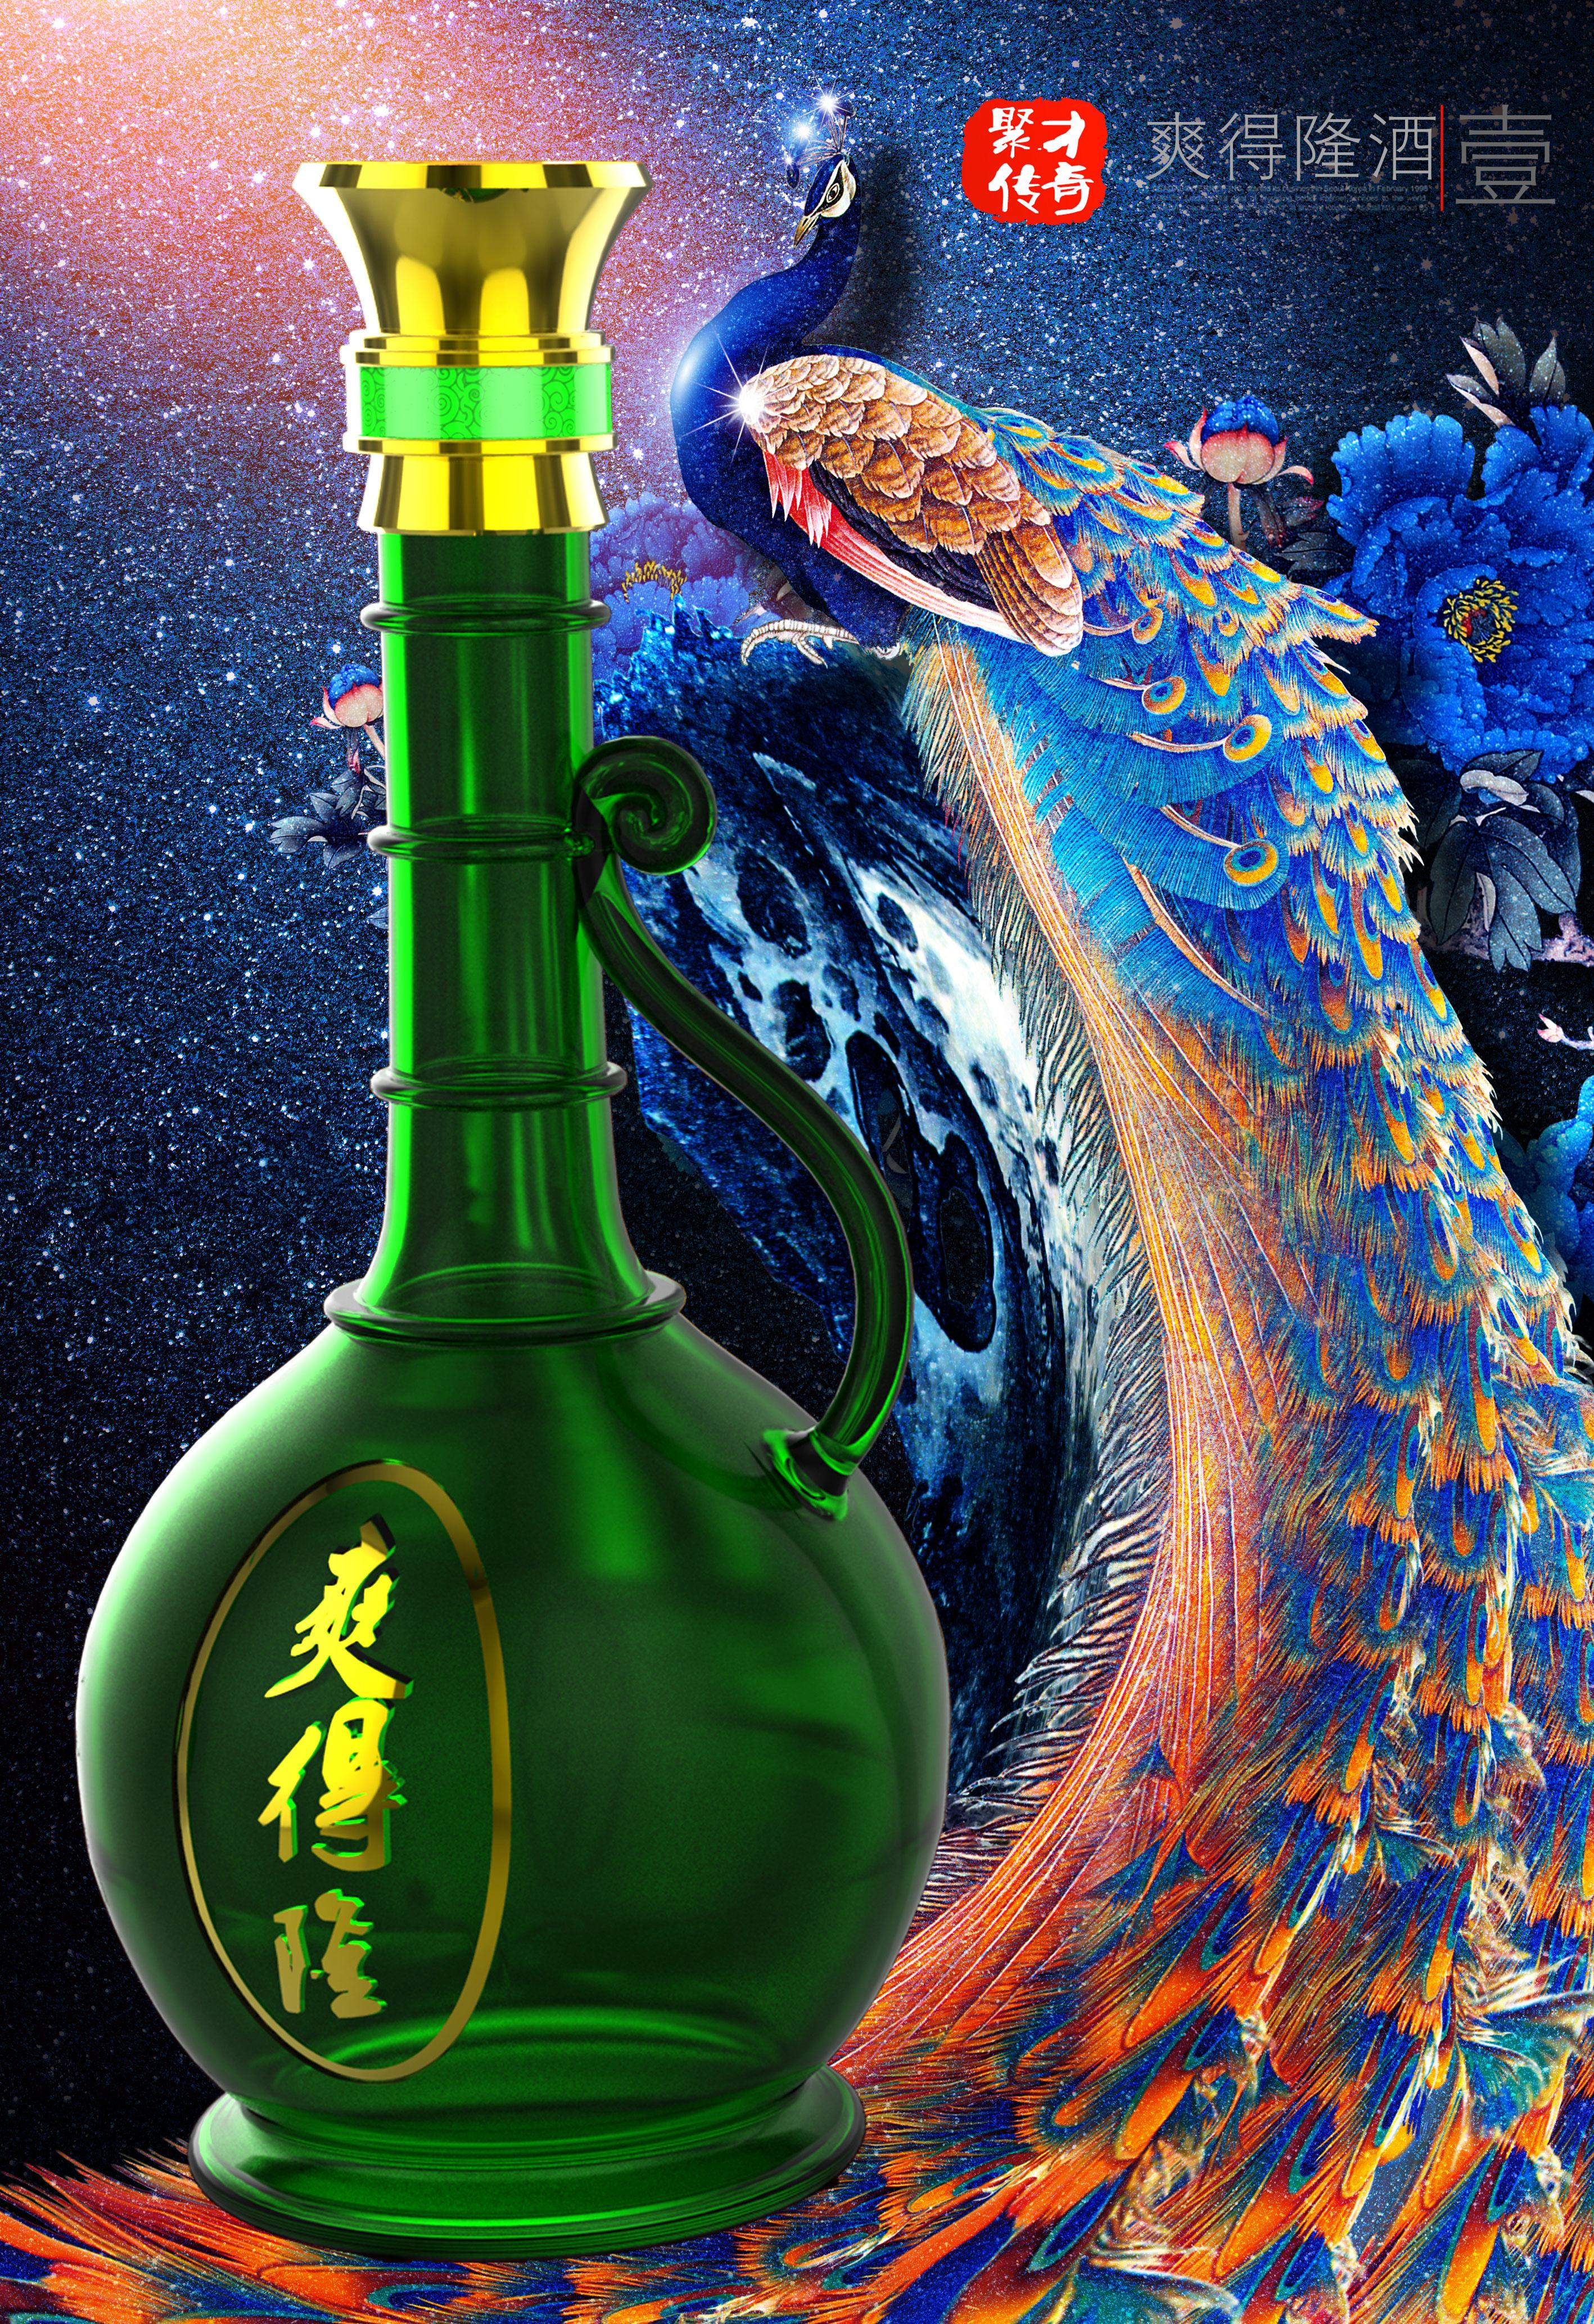 酒瓶72-2-1